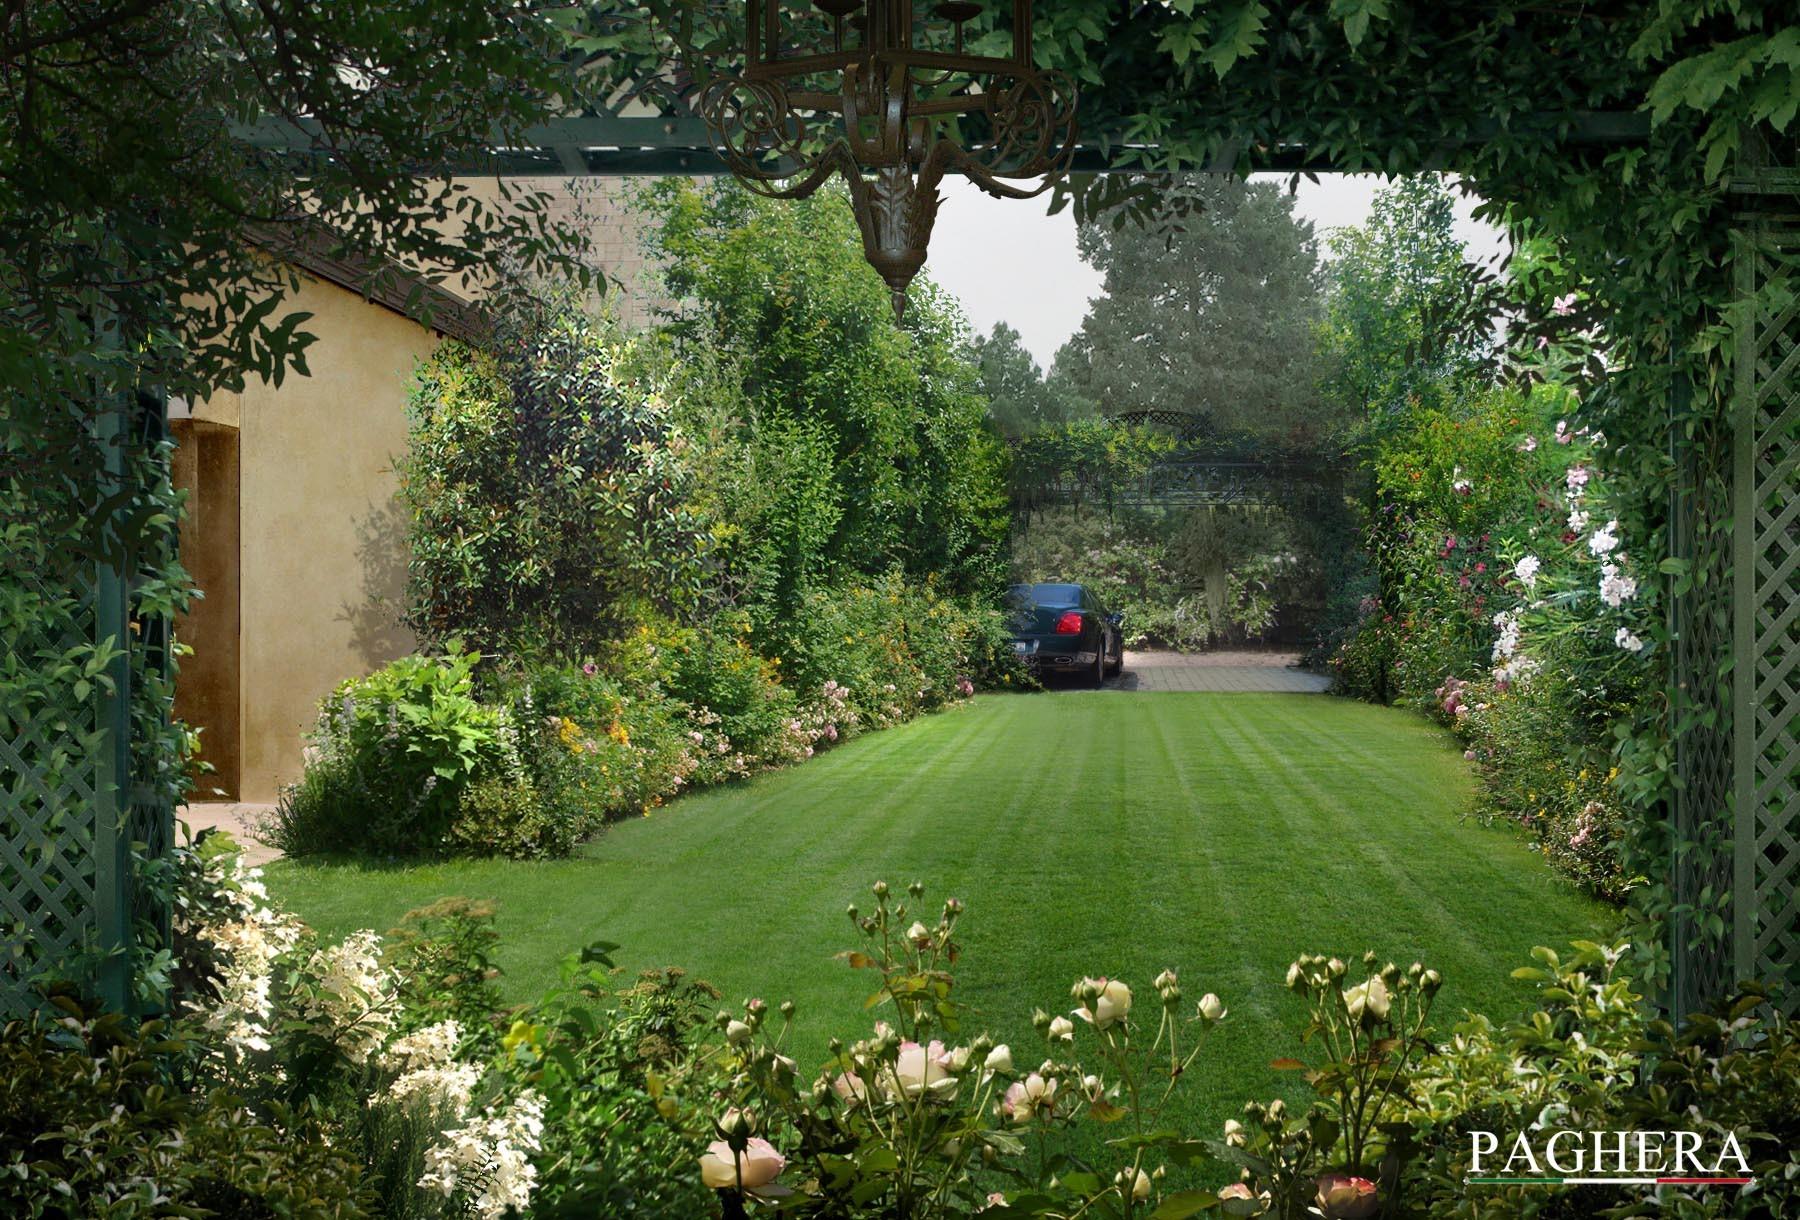 Progettazione del giardino per villa classica paghera for Paghera giardini